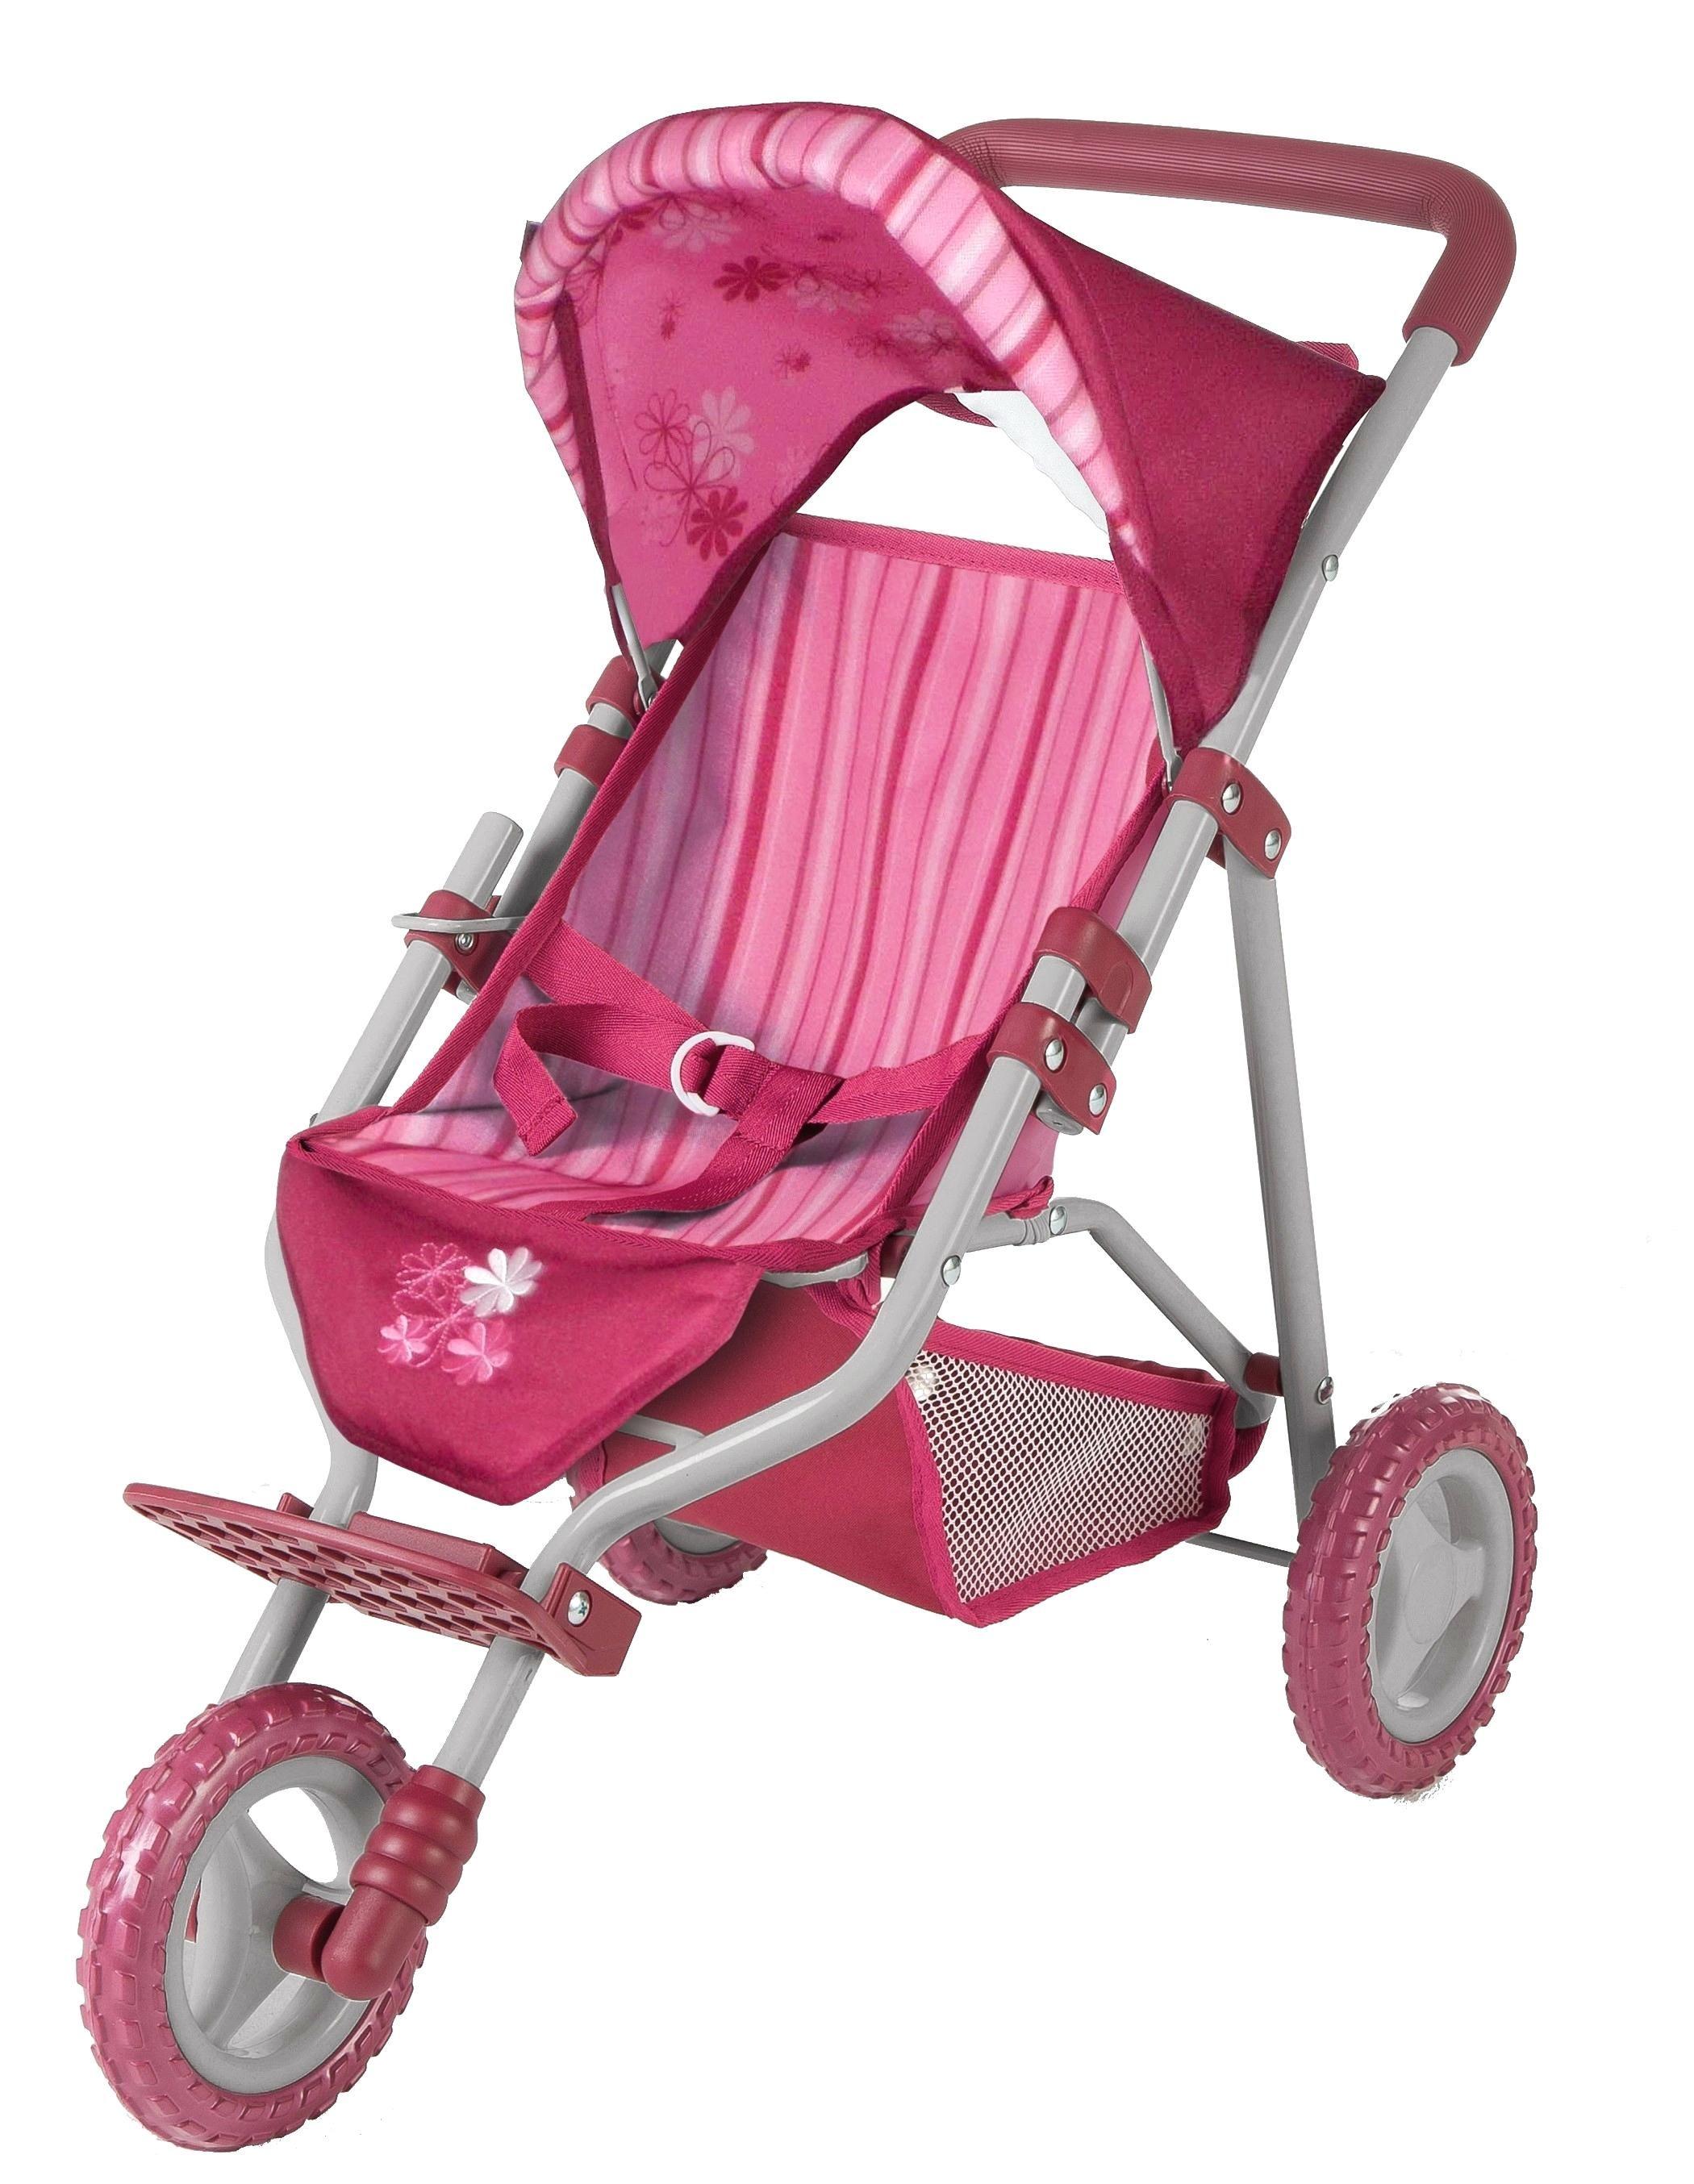 Kinderwagen Usa Kinderwagen Stroller, Baby doll